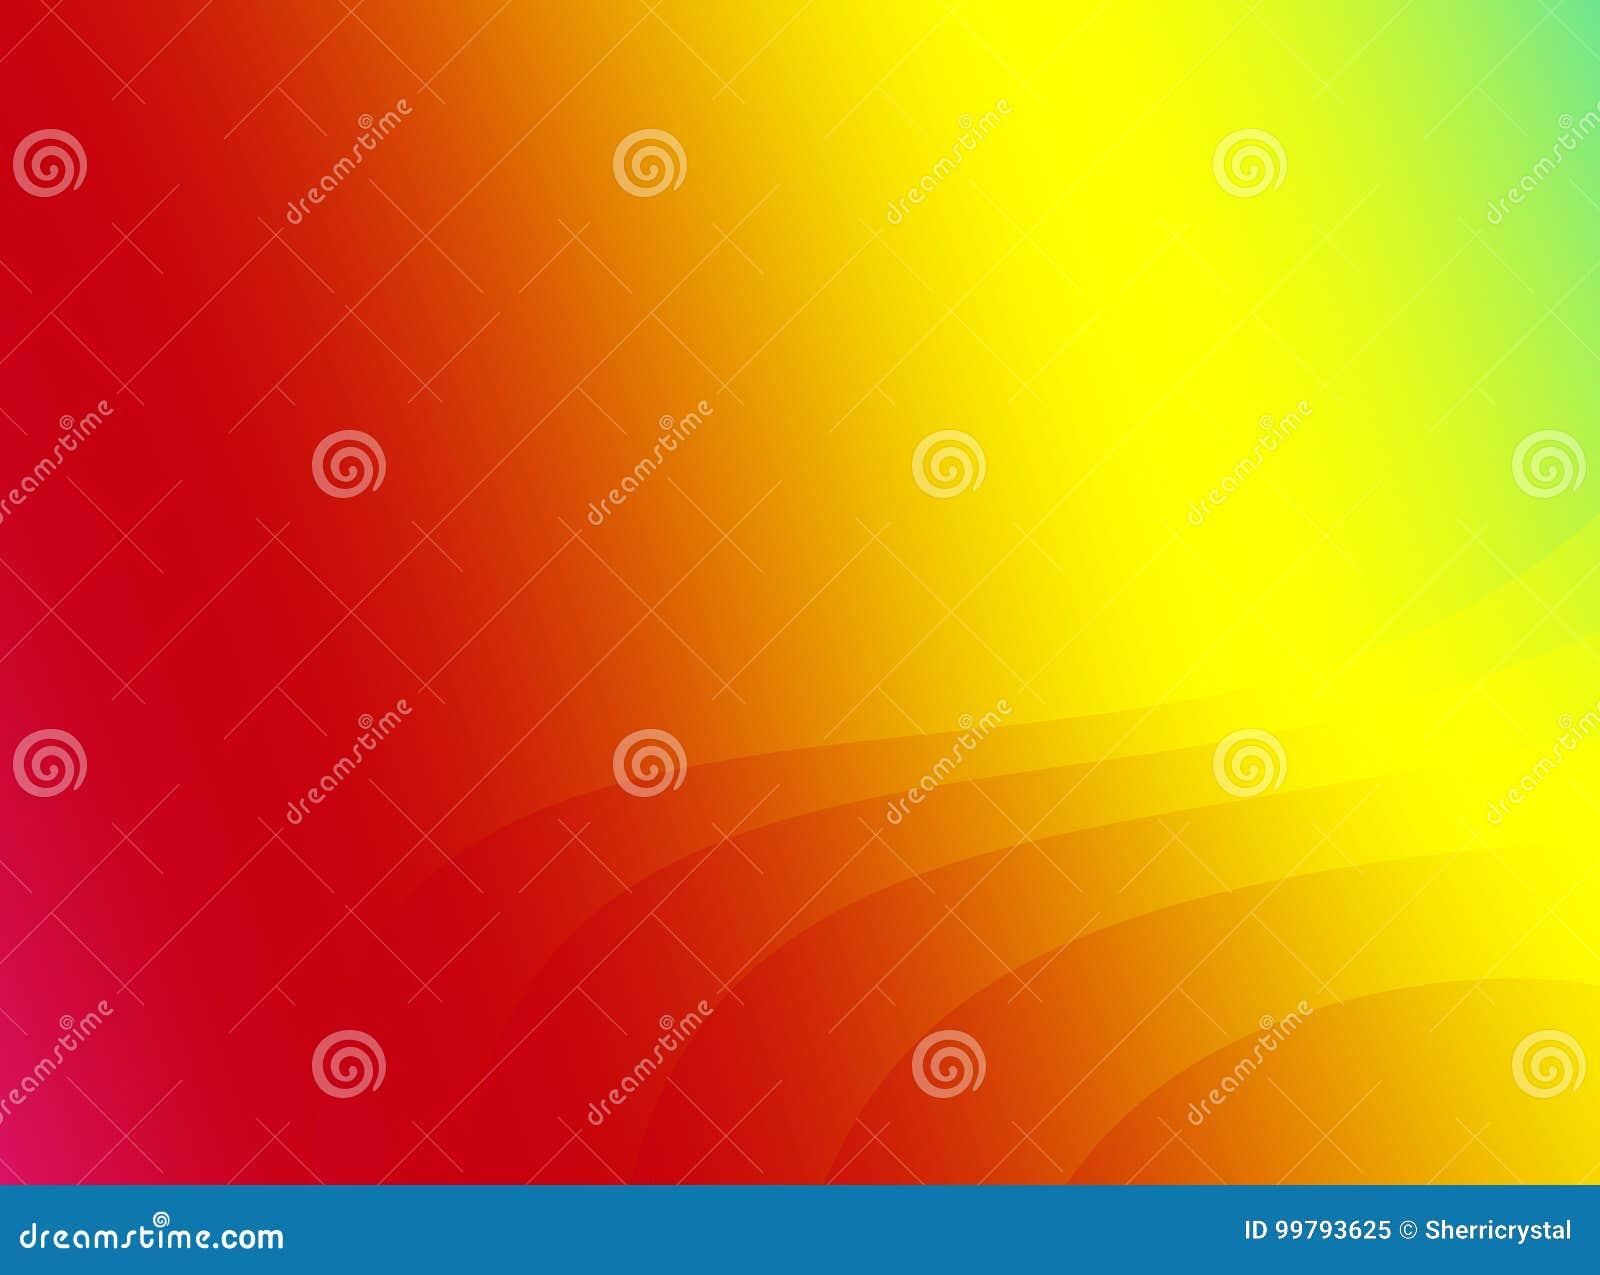 Arte abstrata vermelha do fractal do arco-íris Ilustração brilhante do fundo